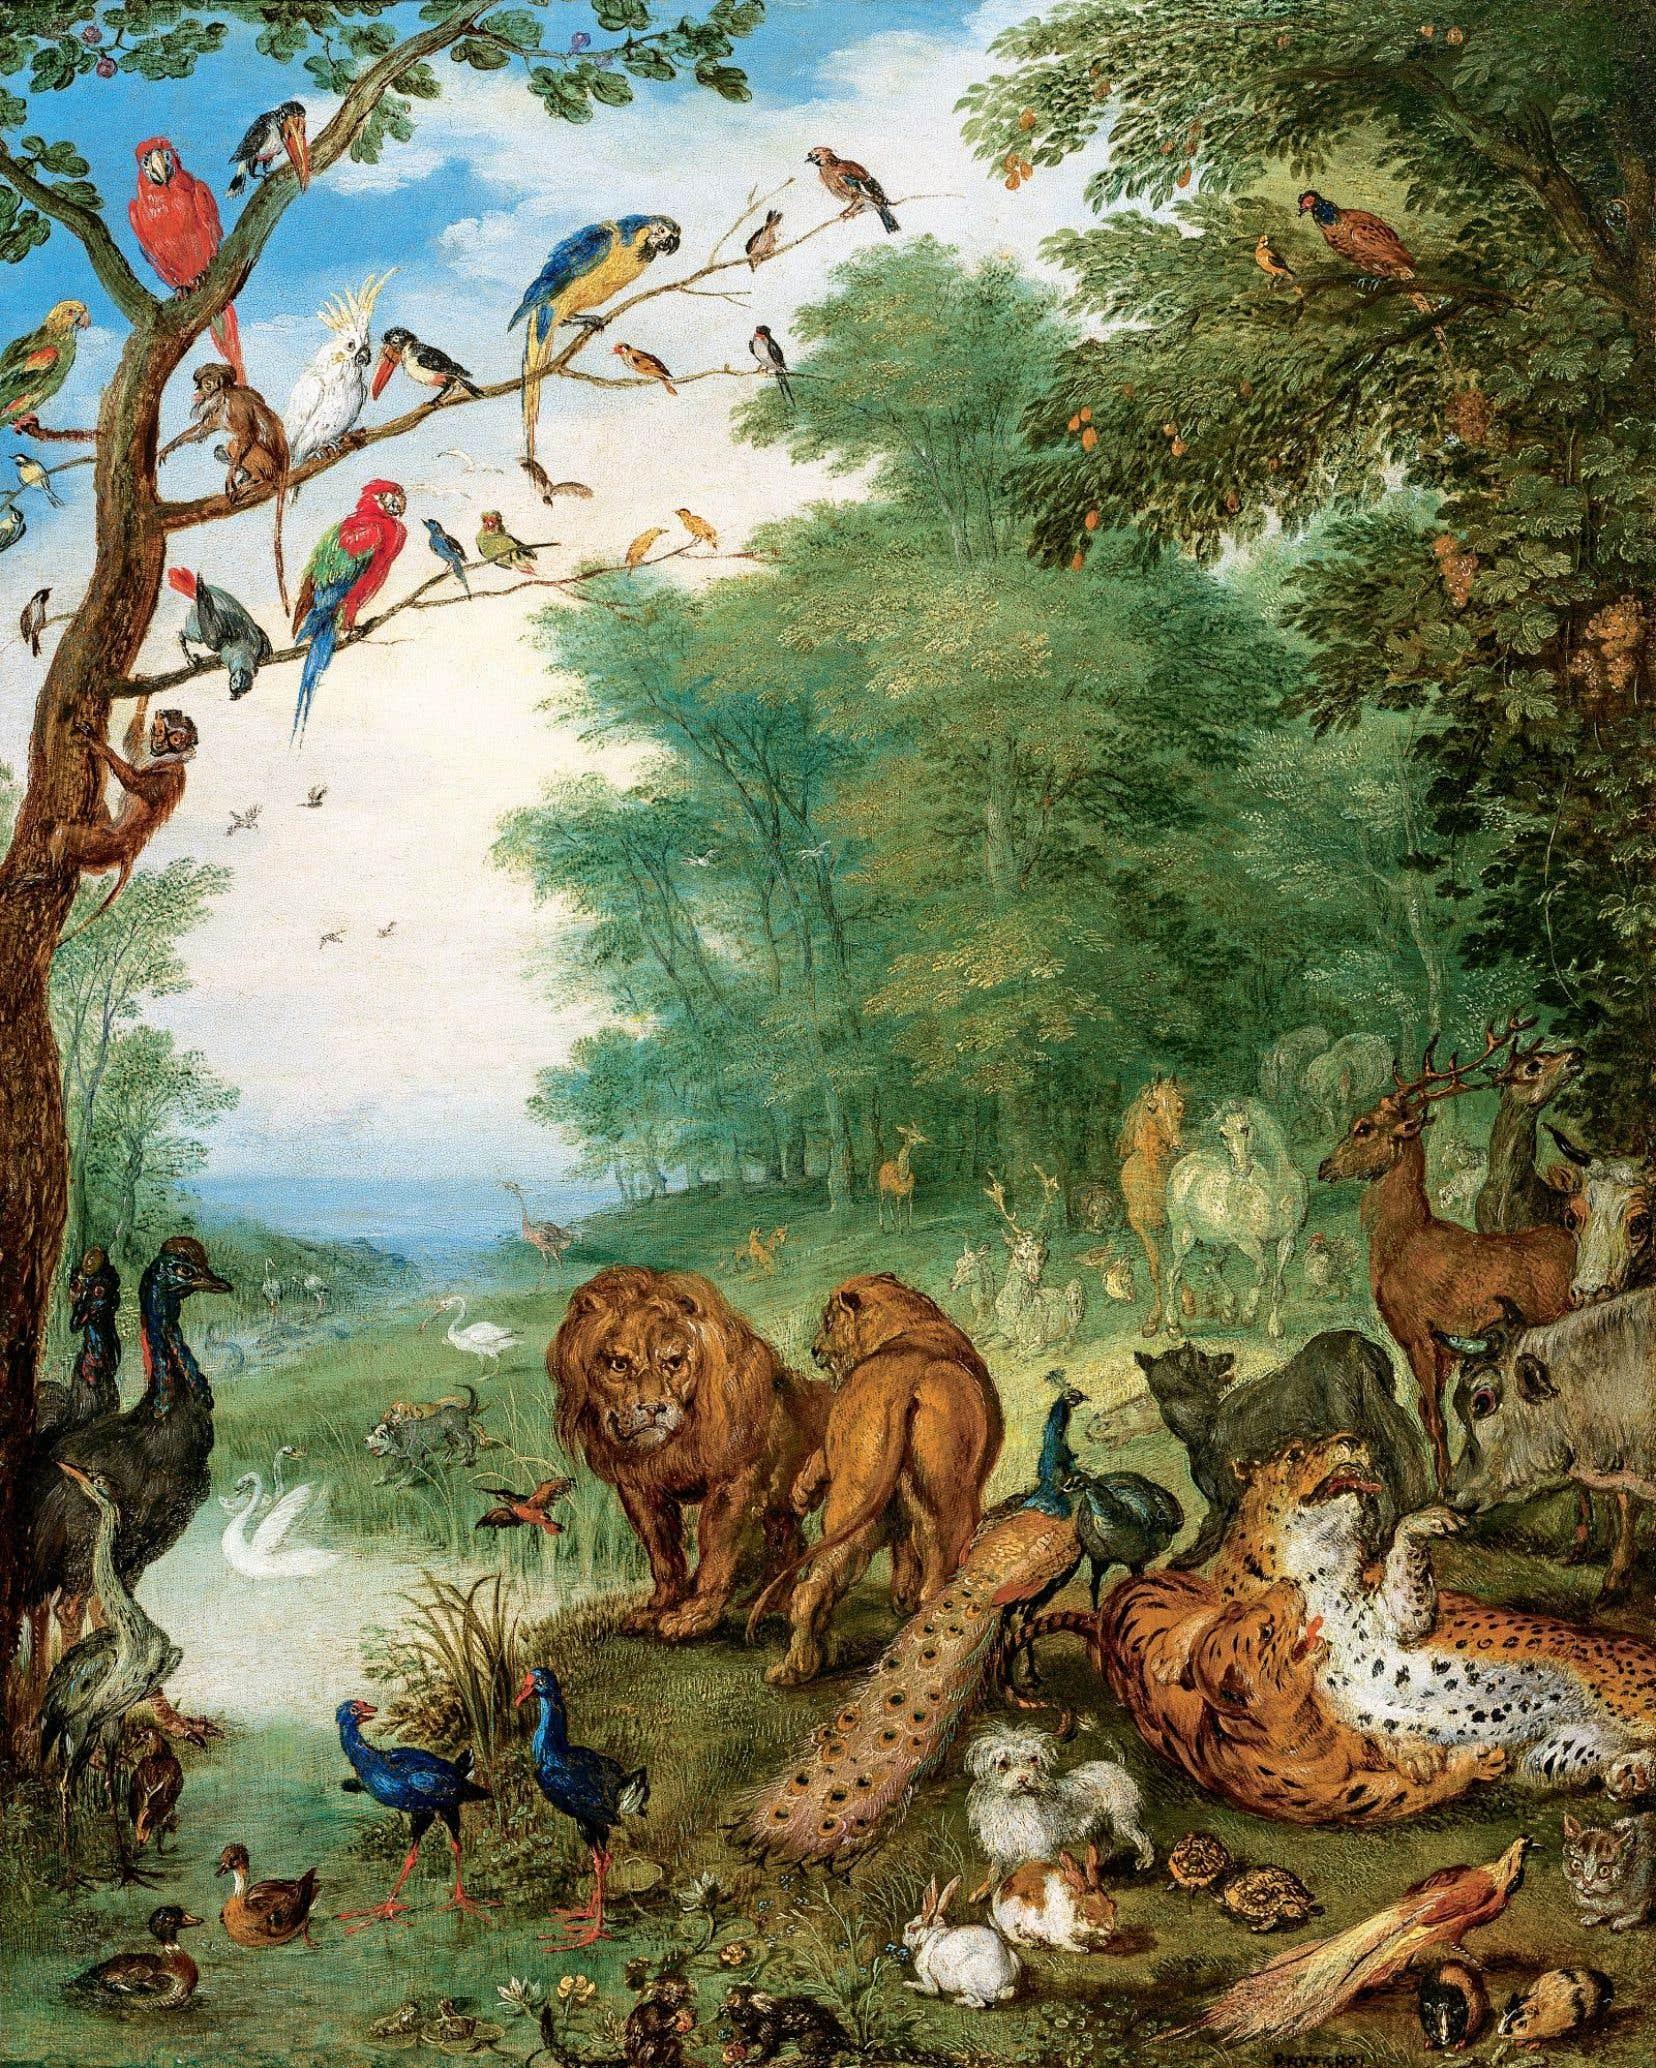 <em>Paysage du paradis peuplé d'animaux et d'oiseaux dans une clairière, près d'un étang</em> (1617 ou 1615), Jan Bruegel le Vieux